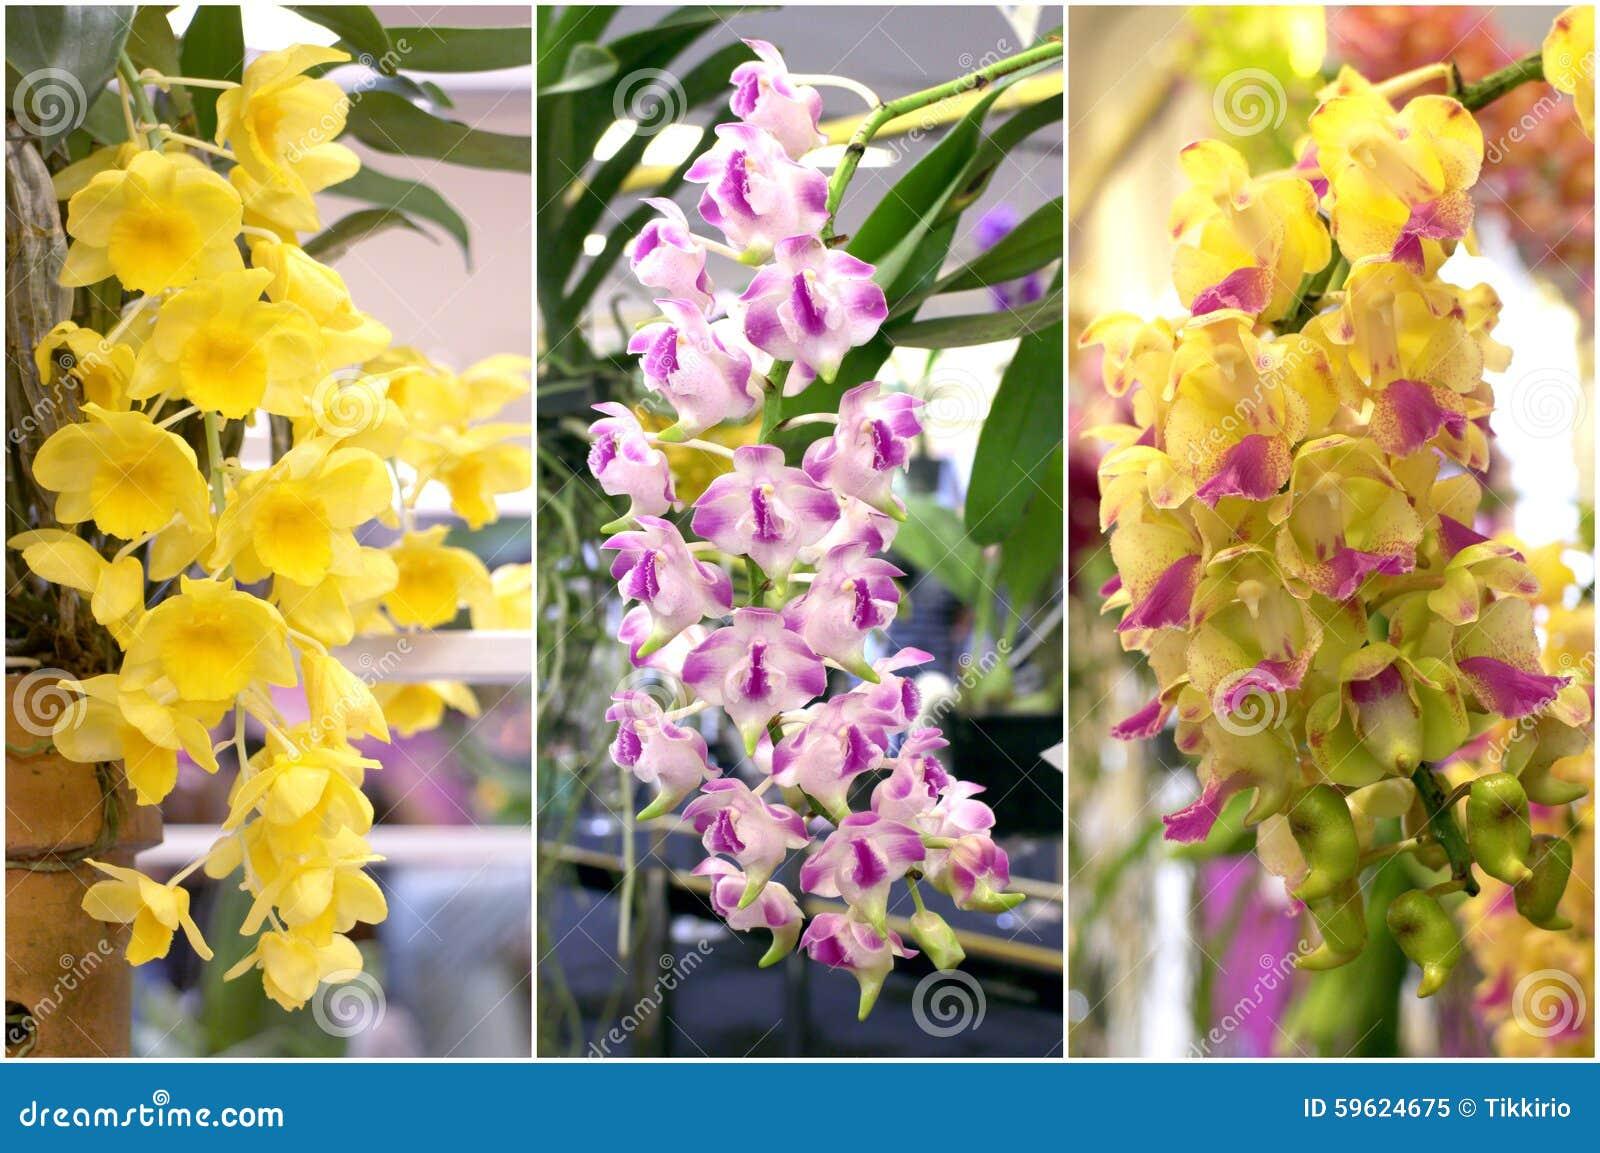 Colorful orchid bouquet